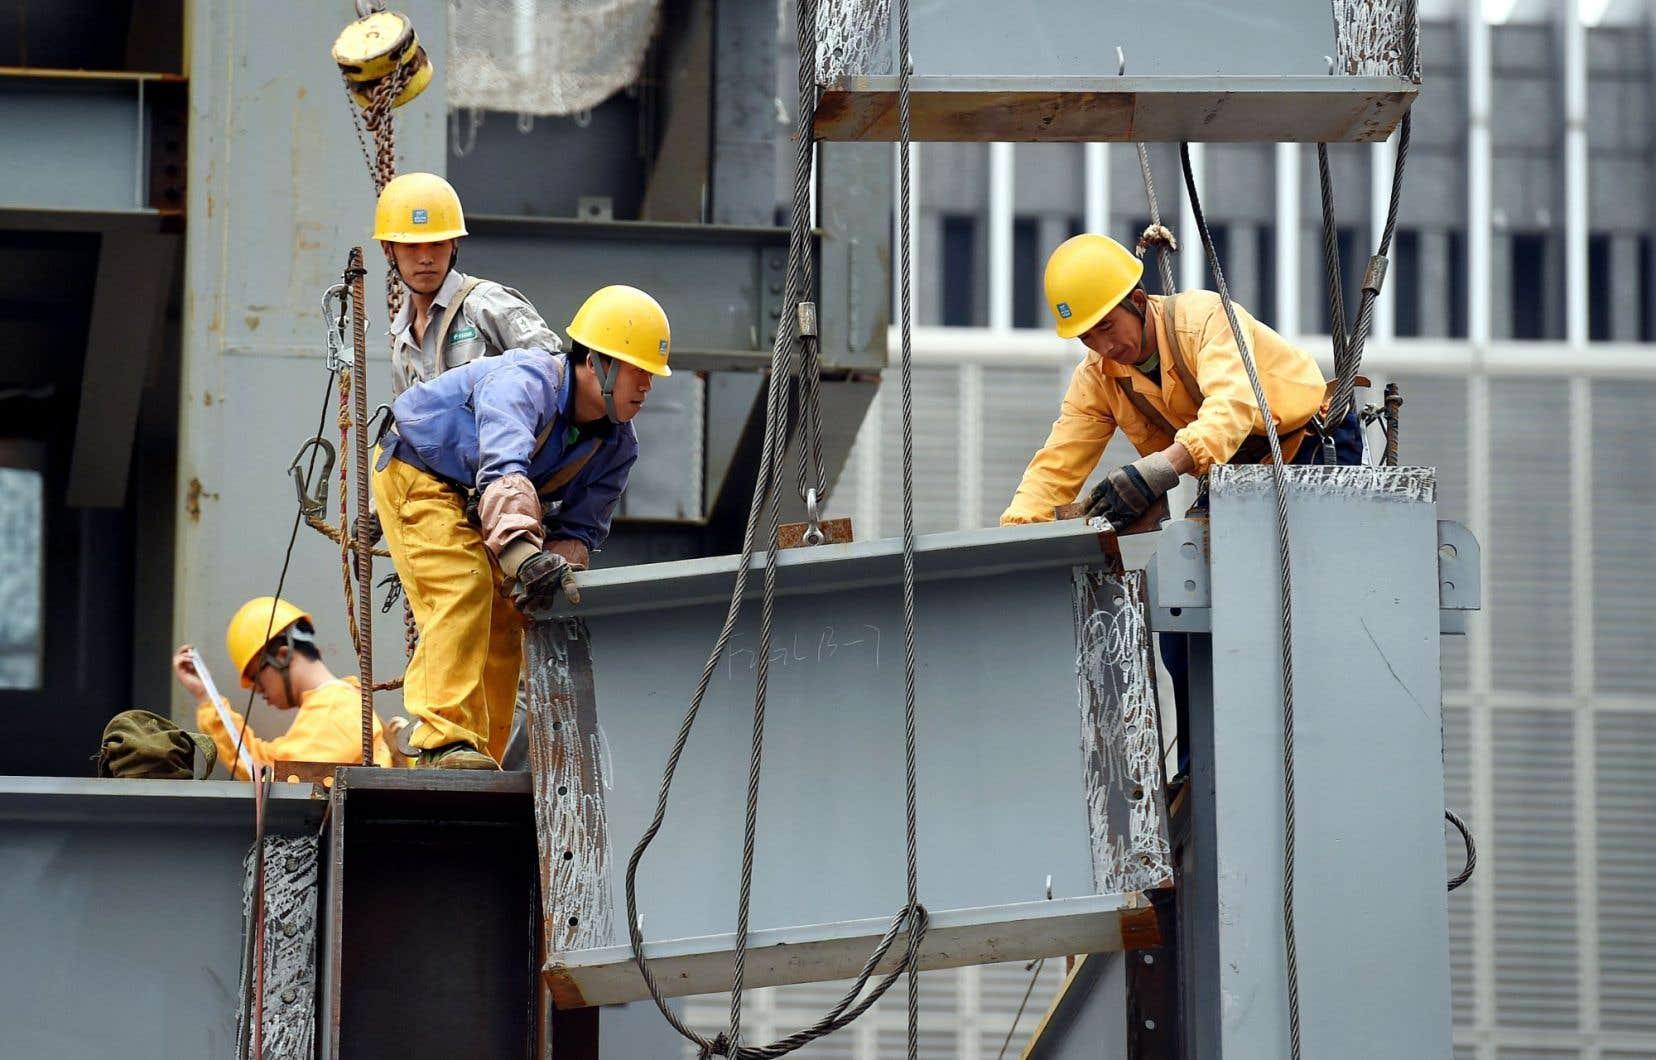 La Chine investira notamment davantage dans les infrastructures afin de soutenir la croissance économique du pays.